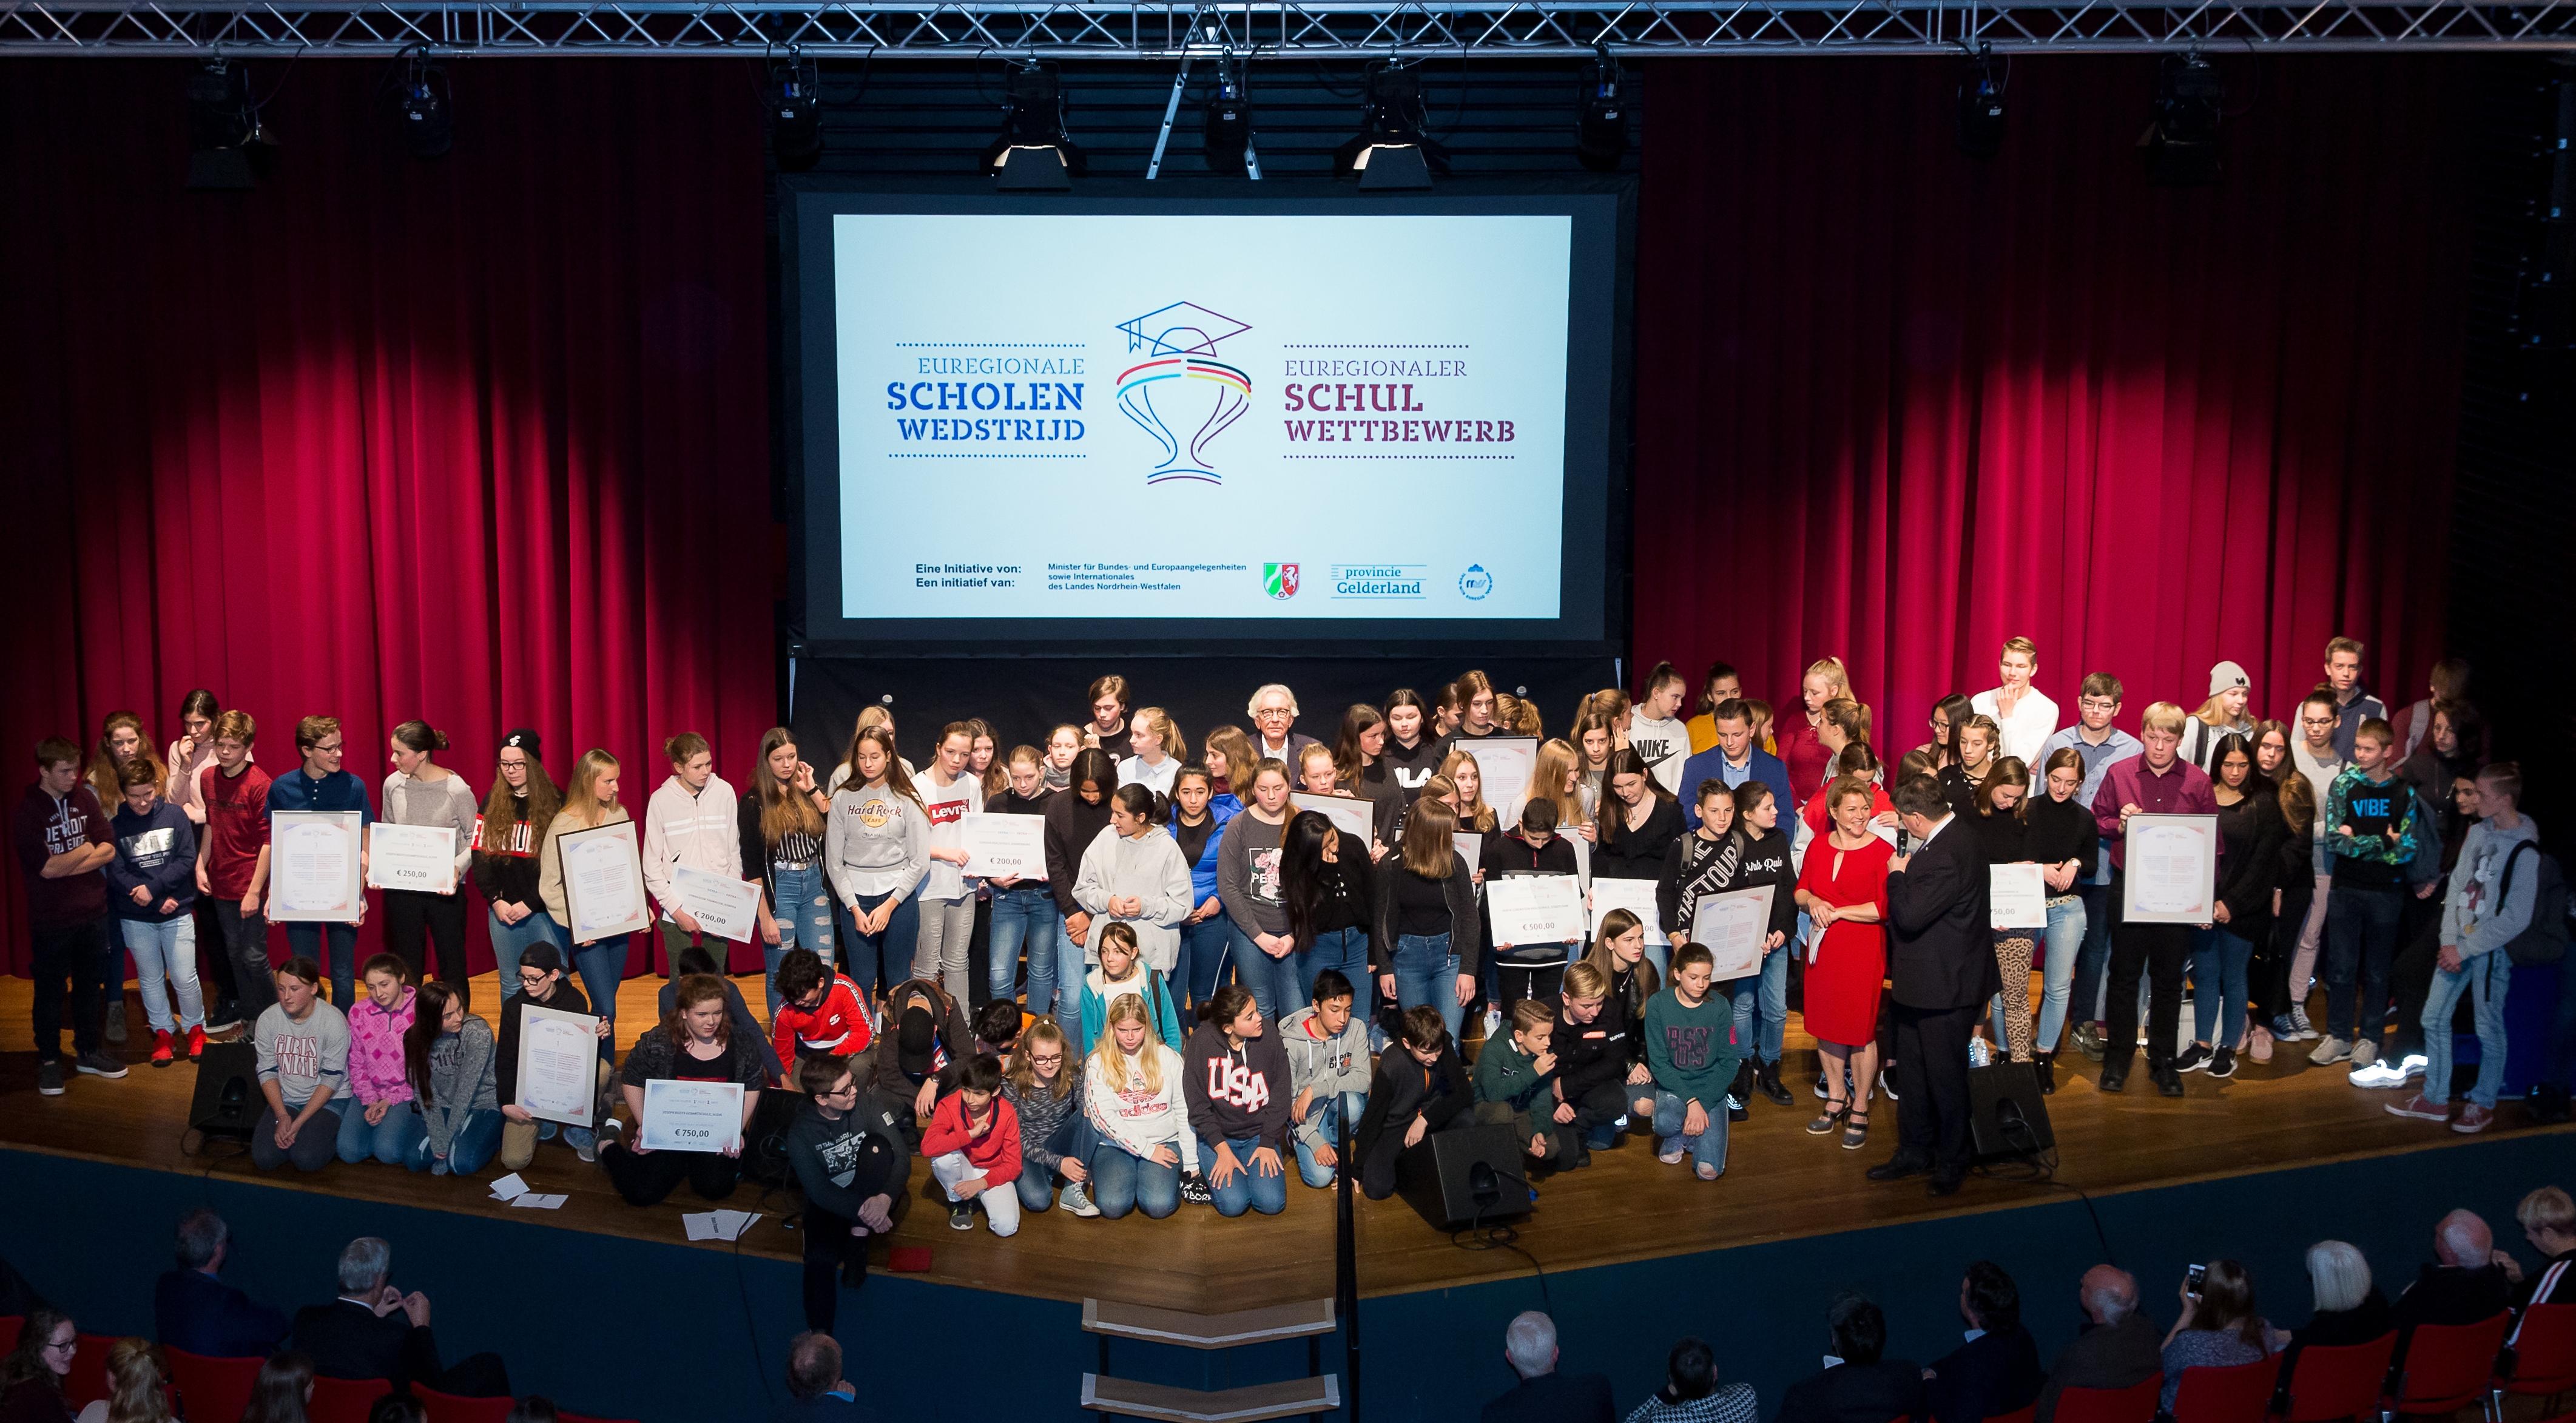 Winnaars van euregionale Scholenwedstrijd bekendgemaakt